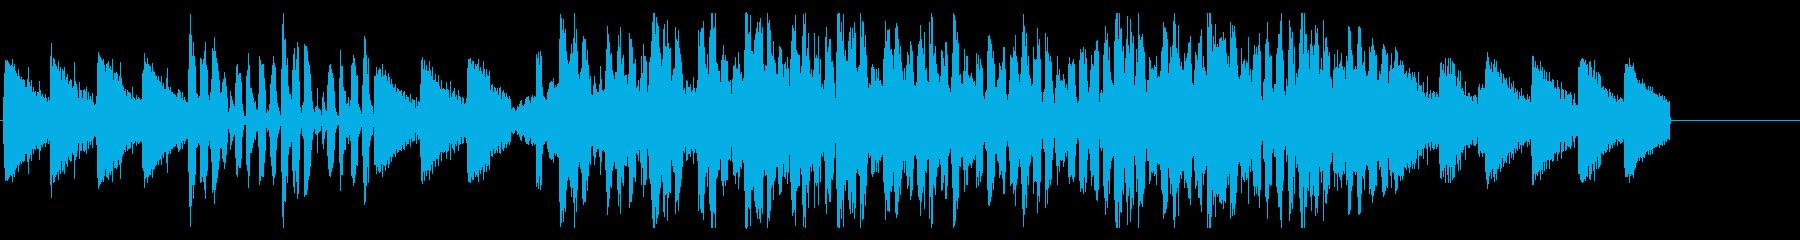 ピアノメインで疾走感のある短尺動画用楽曲の再生済みの波形